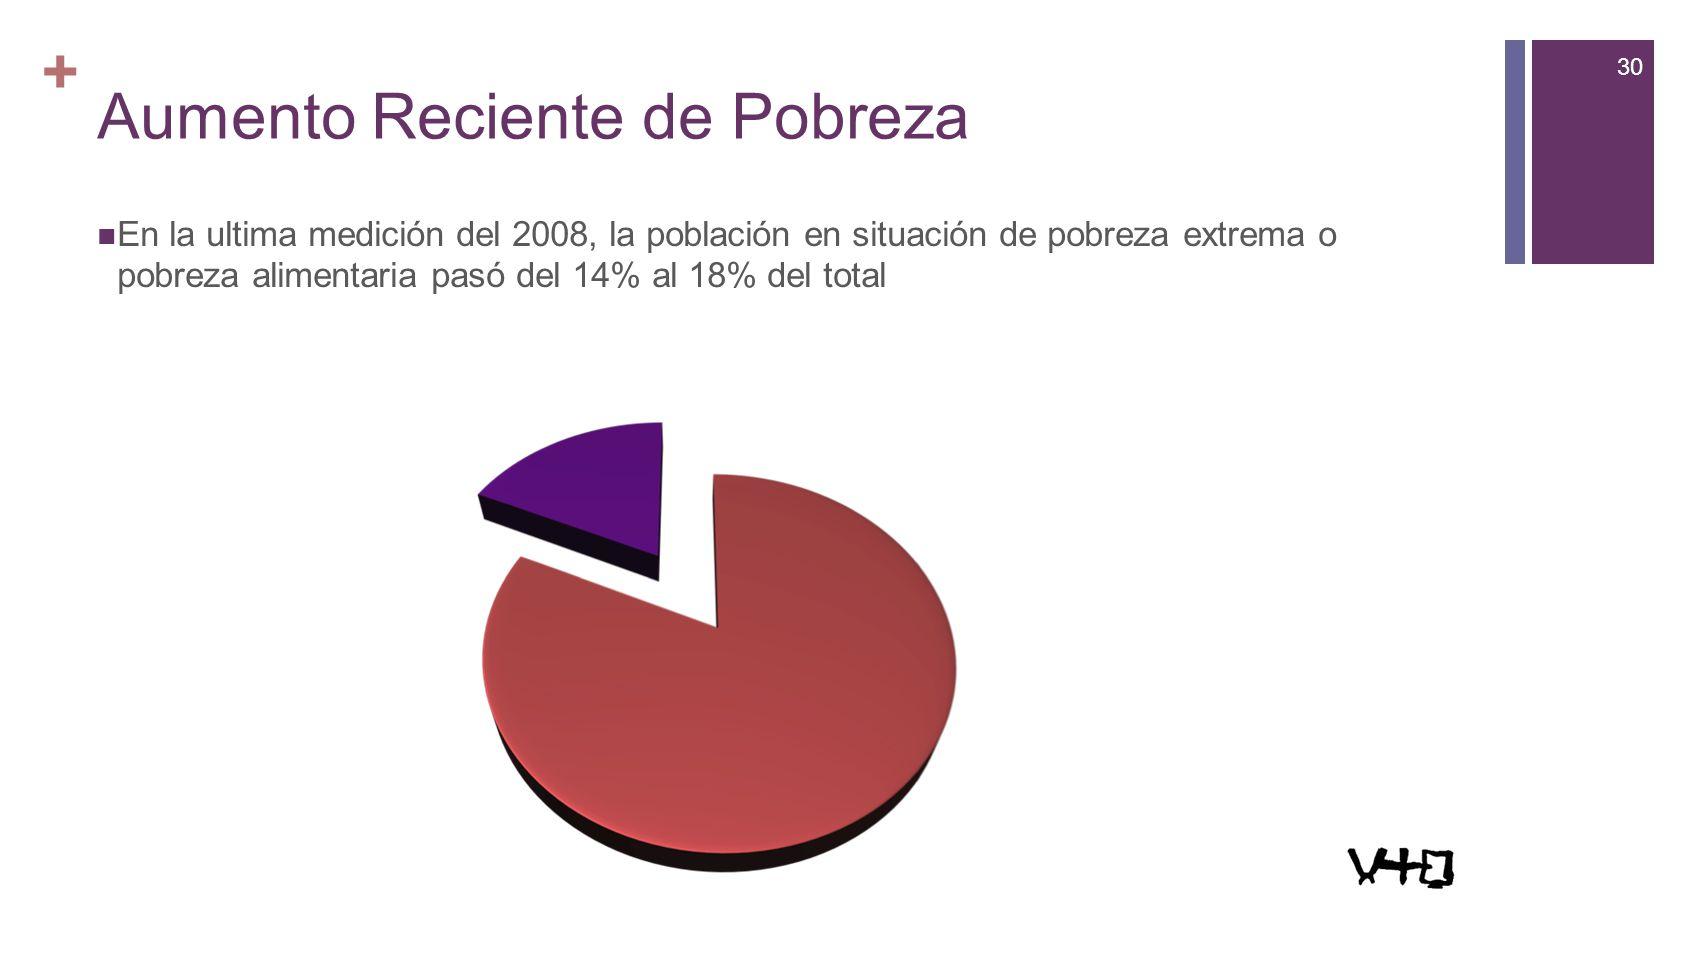 30 + Aumento Reciente de Pobreza En la ultima medición del 2008, la población en situación de pobreza extrema o pobreza alimentaria pasó del 14% al 18